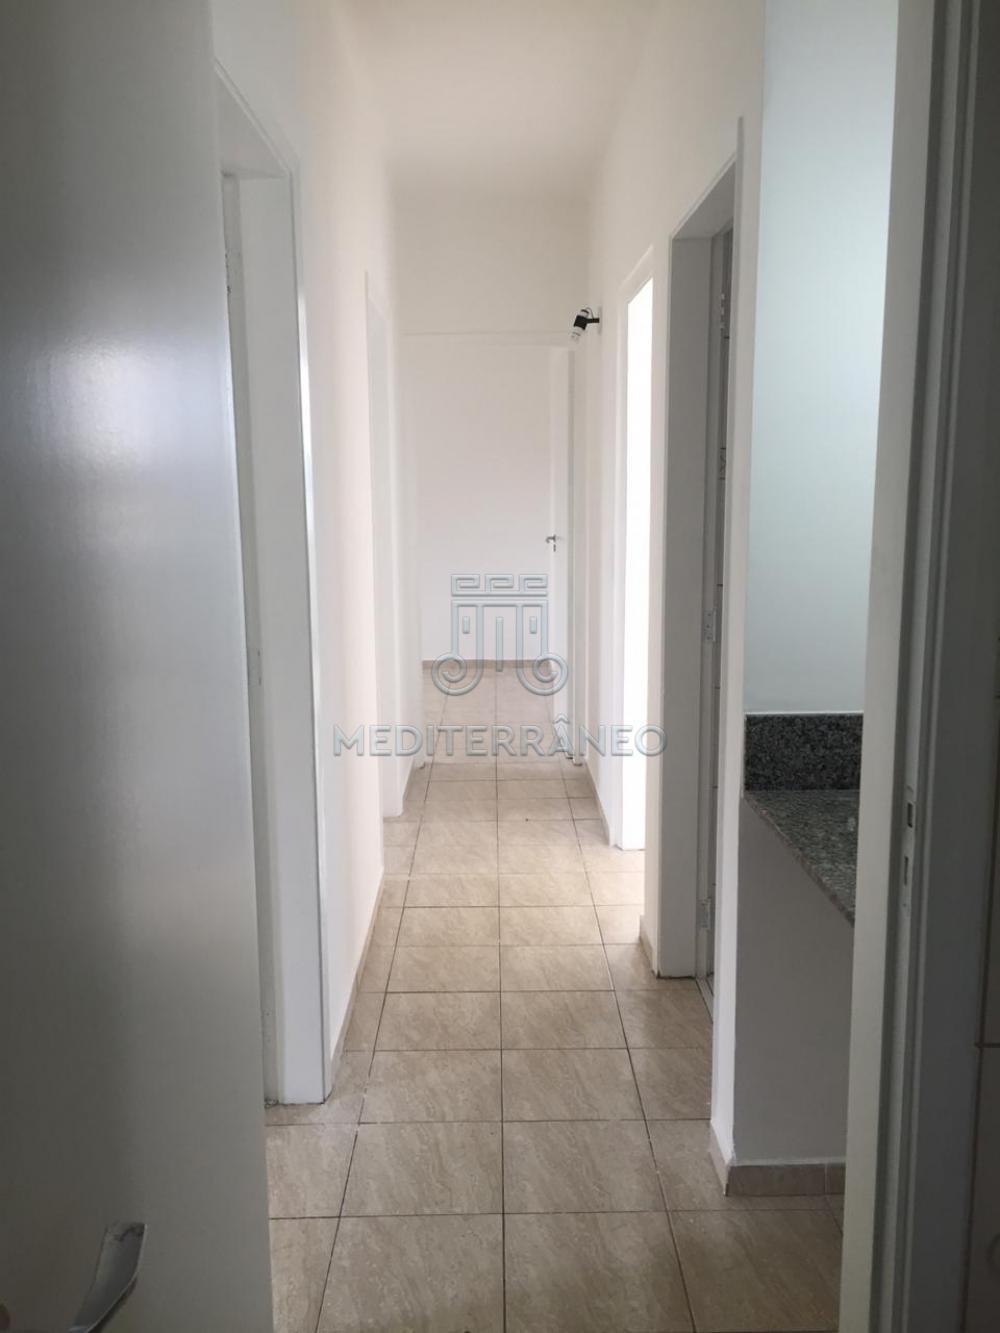 Alugar Apartamento / Padrão em Jundiaí apenas R$ 1.450,00 - Foto 8